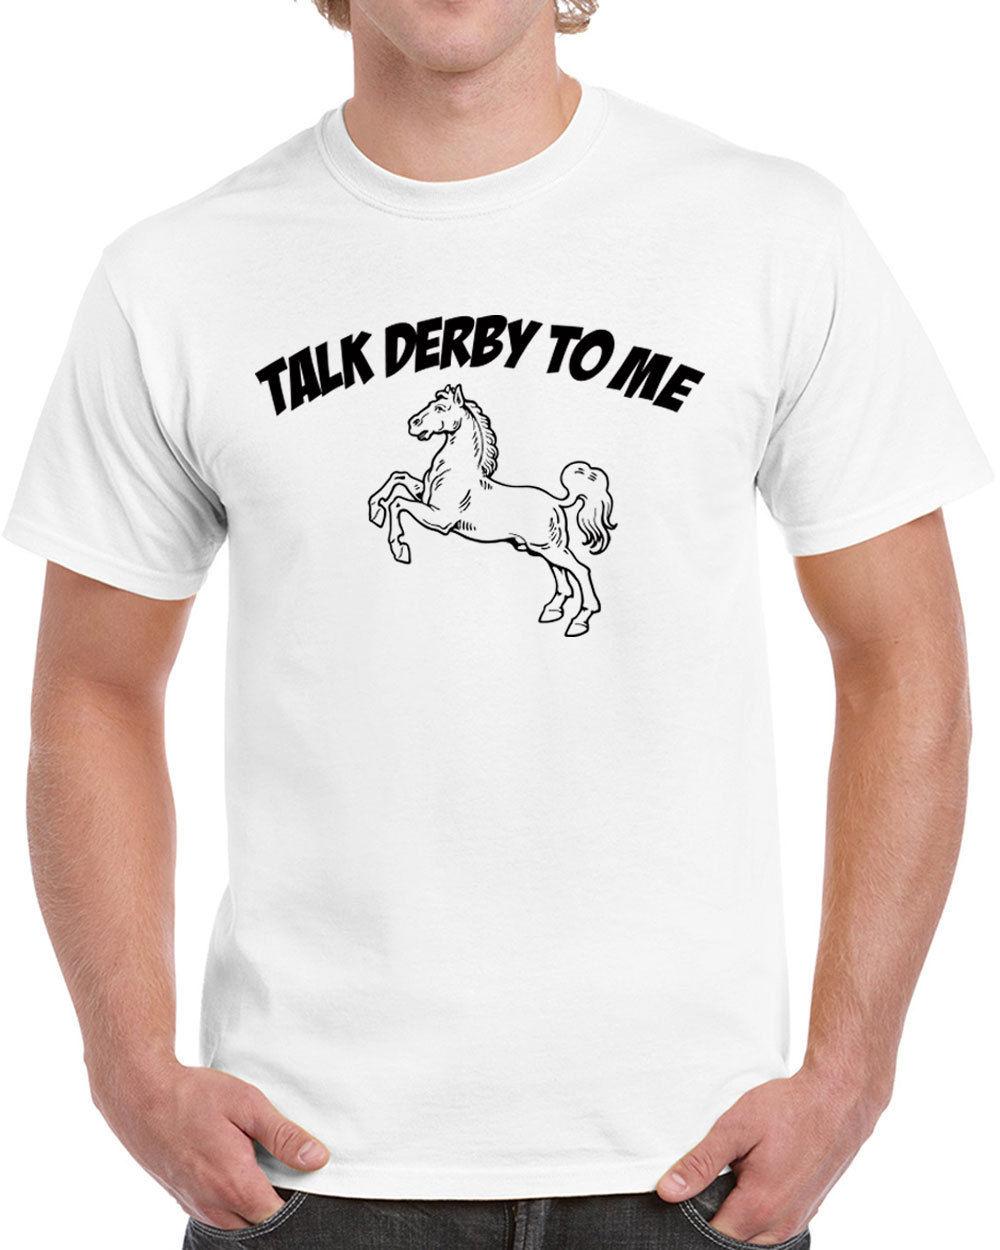 Shirt design buy - Racing Shirt Design